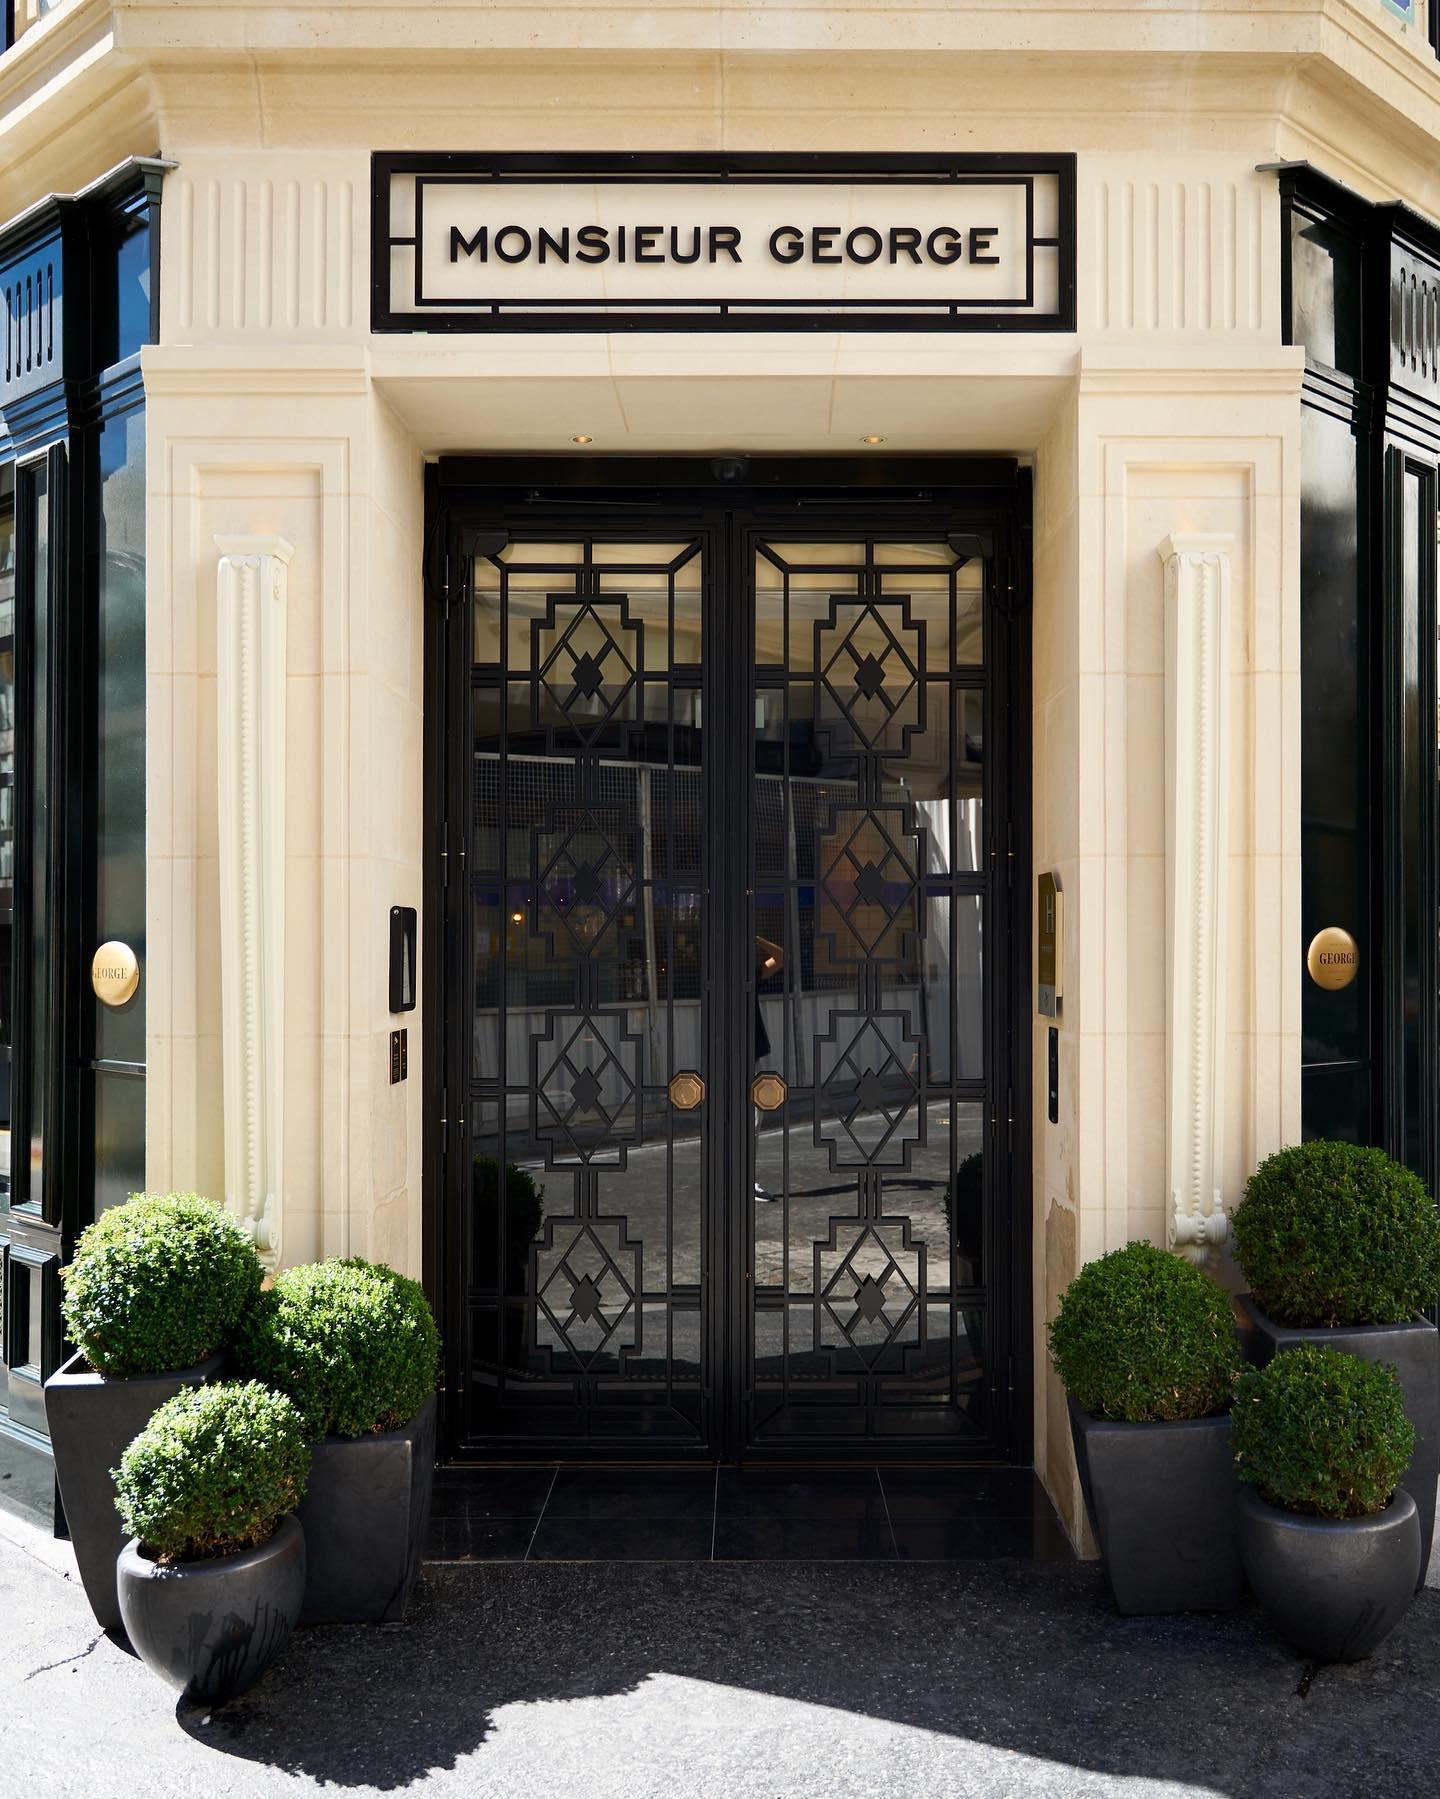 Monsieur George by Anouska Hempel